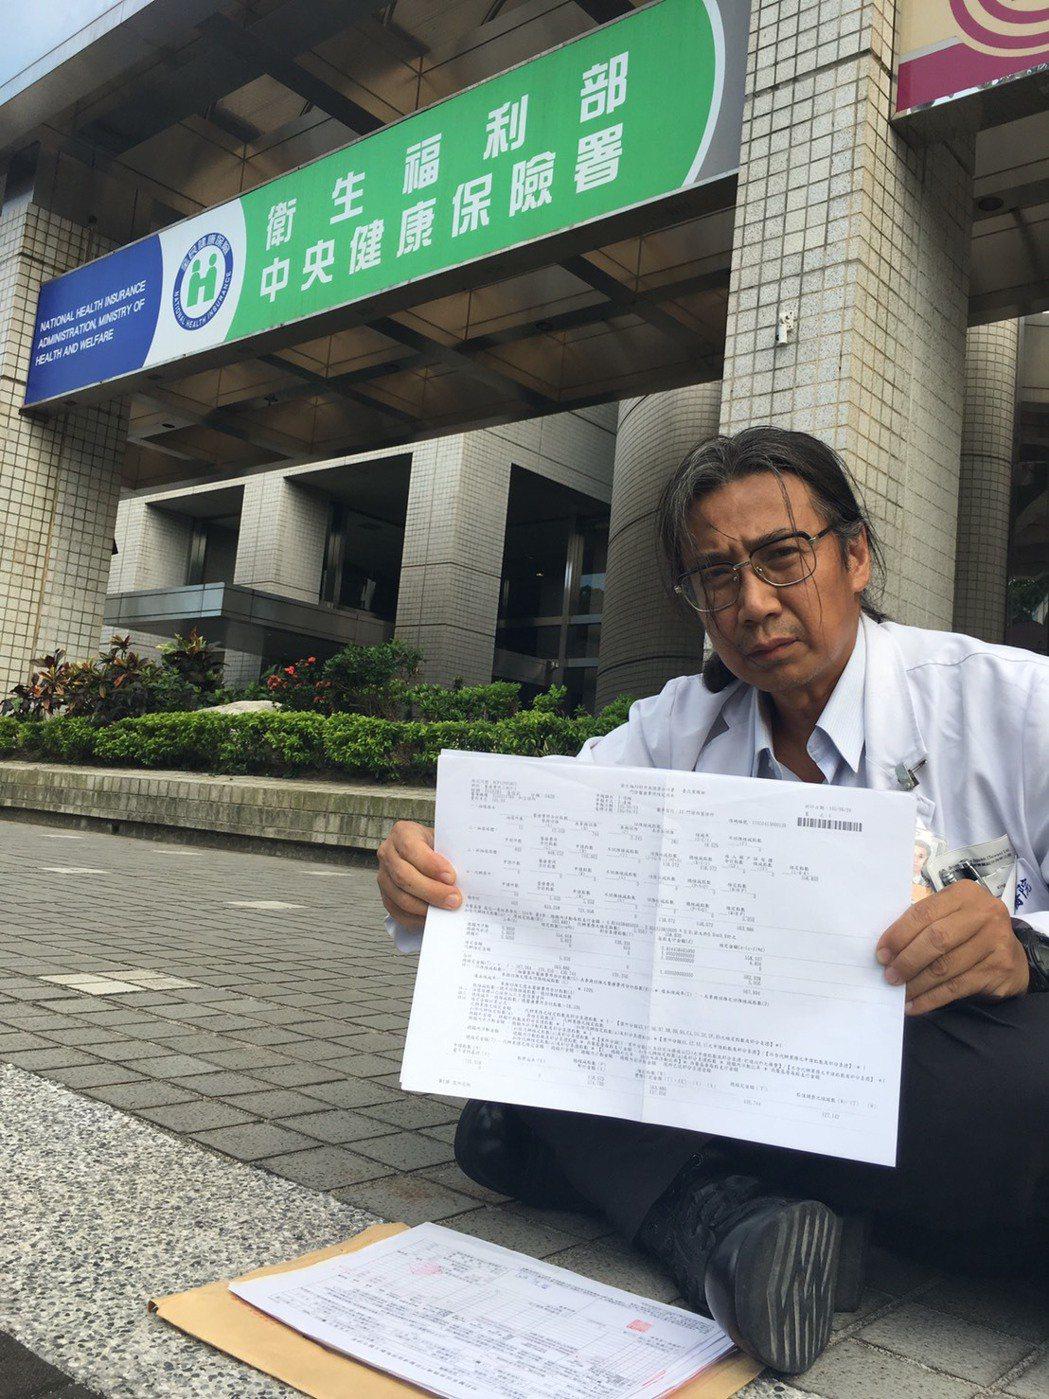 宜蘭縣開業骨科醫師汪立偉今再度到健保署前抗議核刪。記者江慧珺/攝影